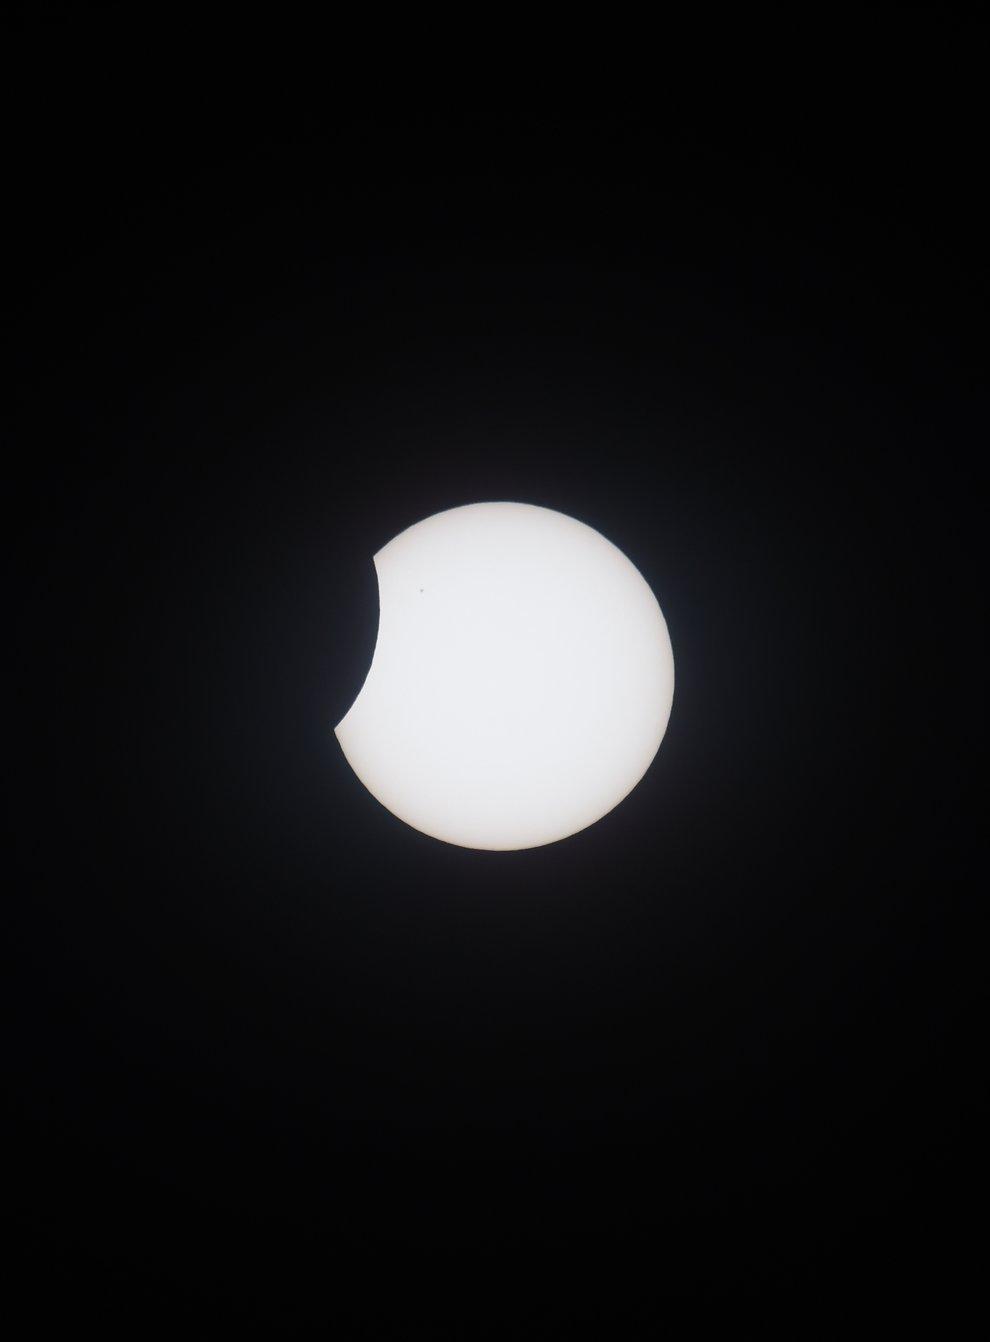 <p>Partial solar eclipse</p>